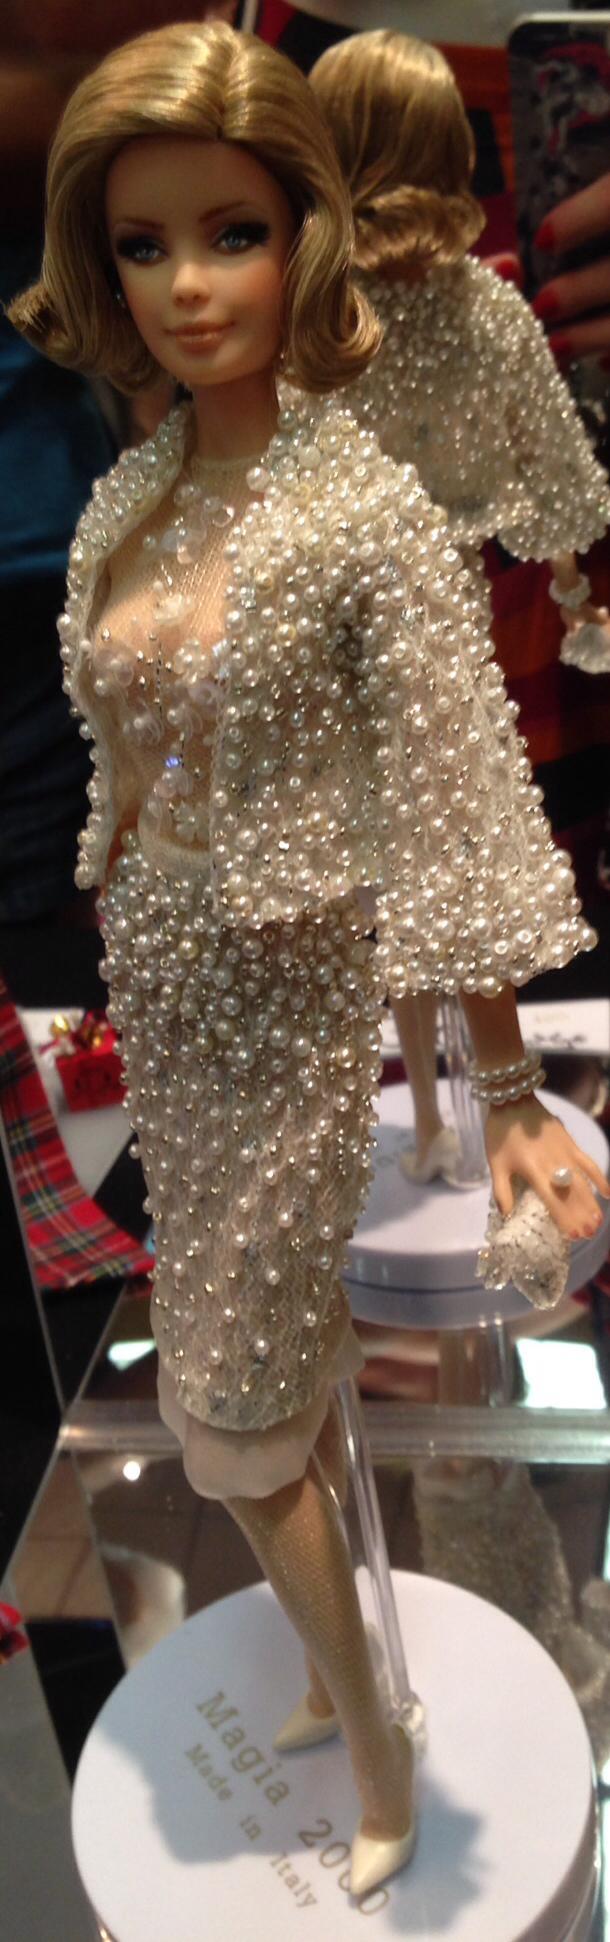 Barbie | ❤️Dolls❤ | Pinterest | Barbie, Puppe und Puppen